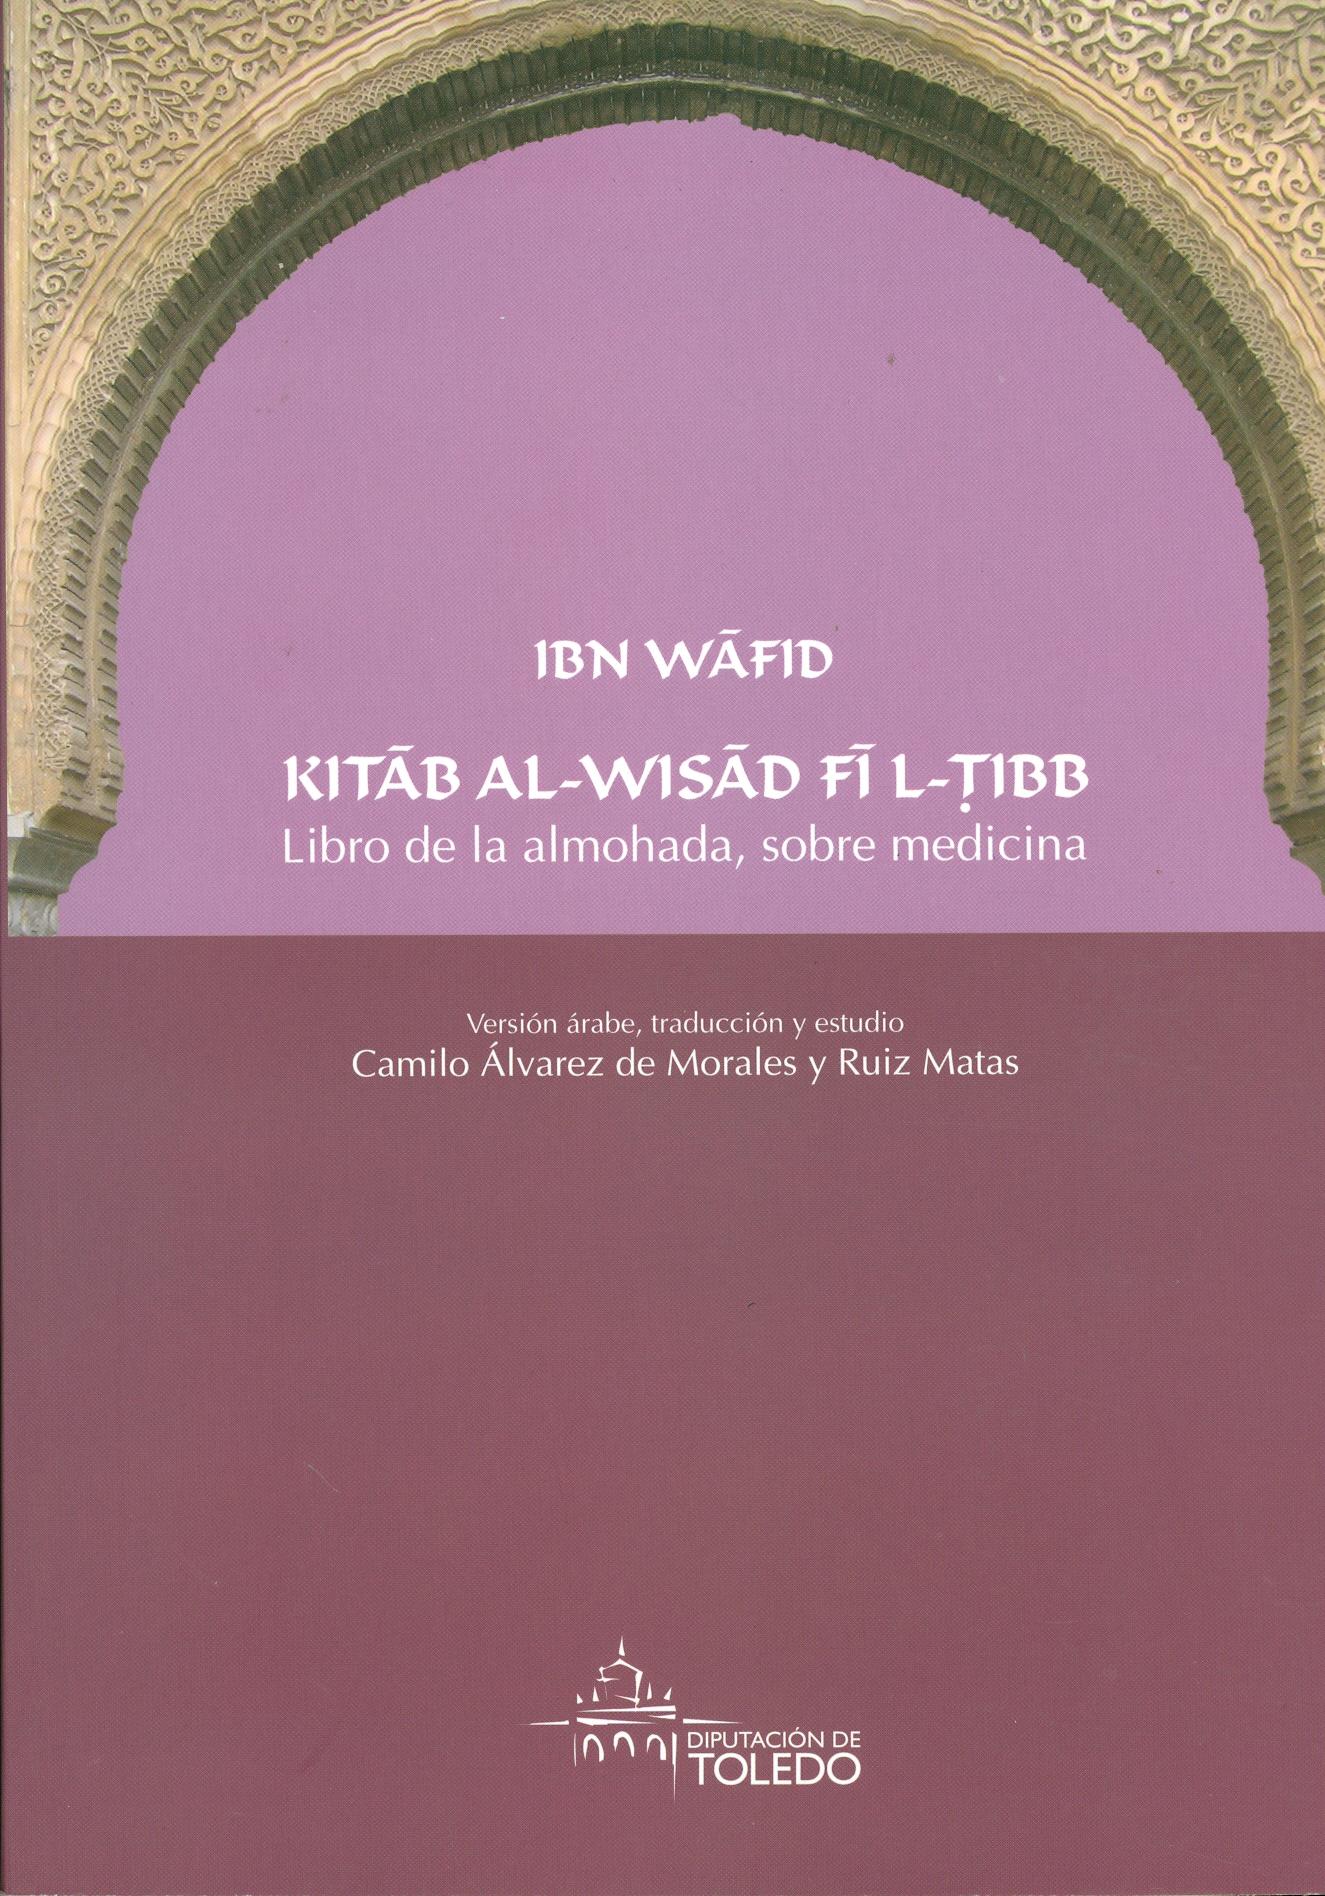 Kitab Al-Wisad- Fi L-Tibb - Libro de la almohada, sobre medicina